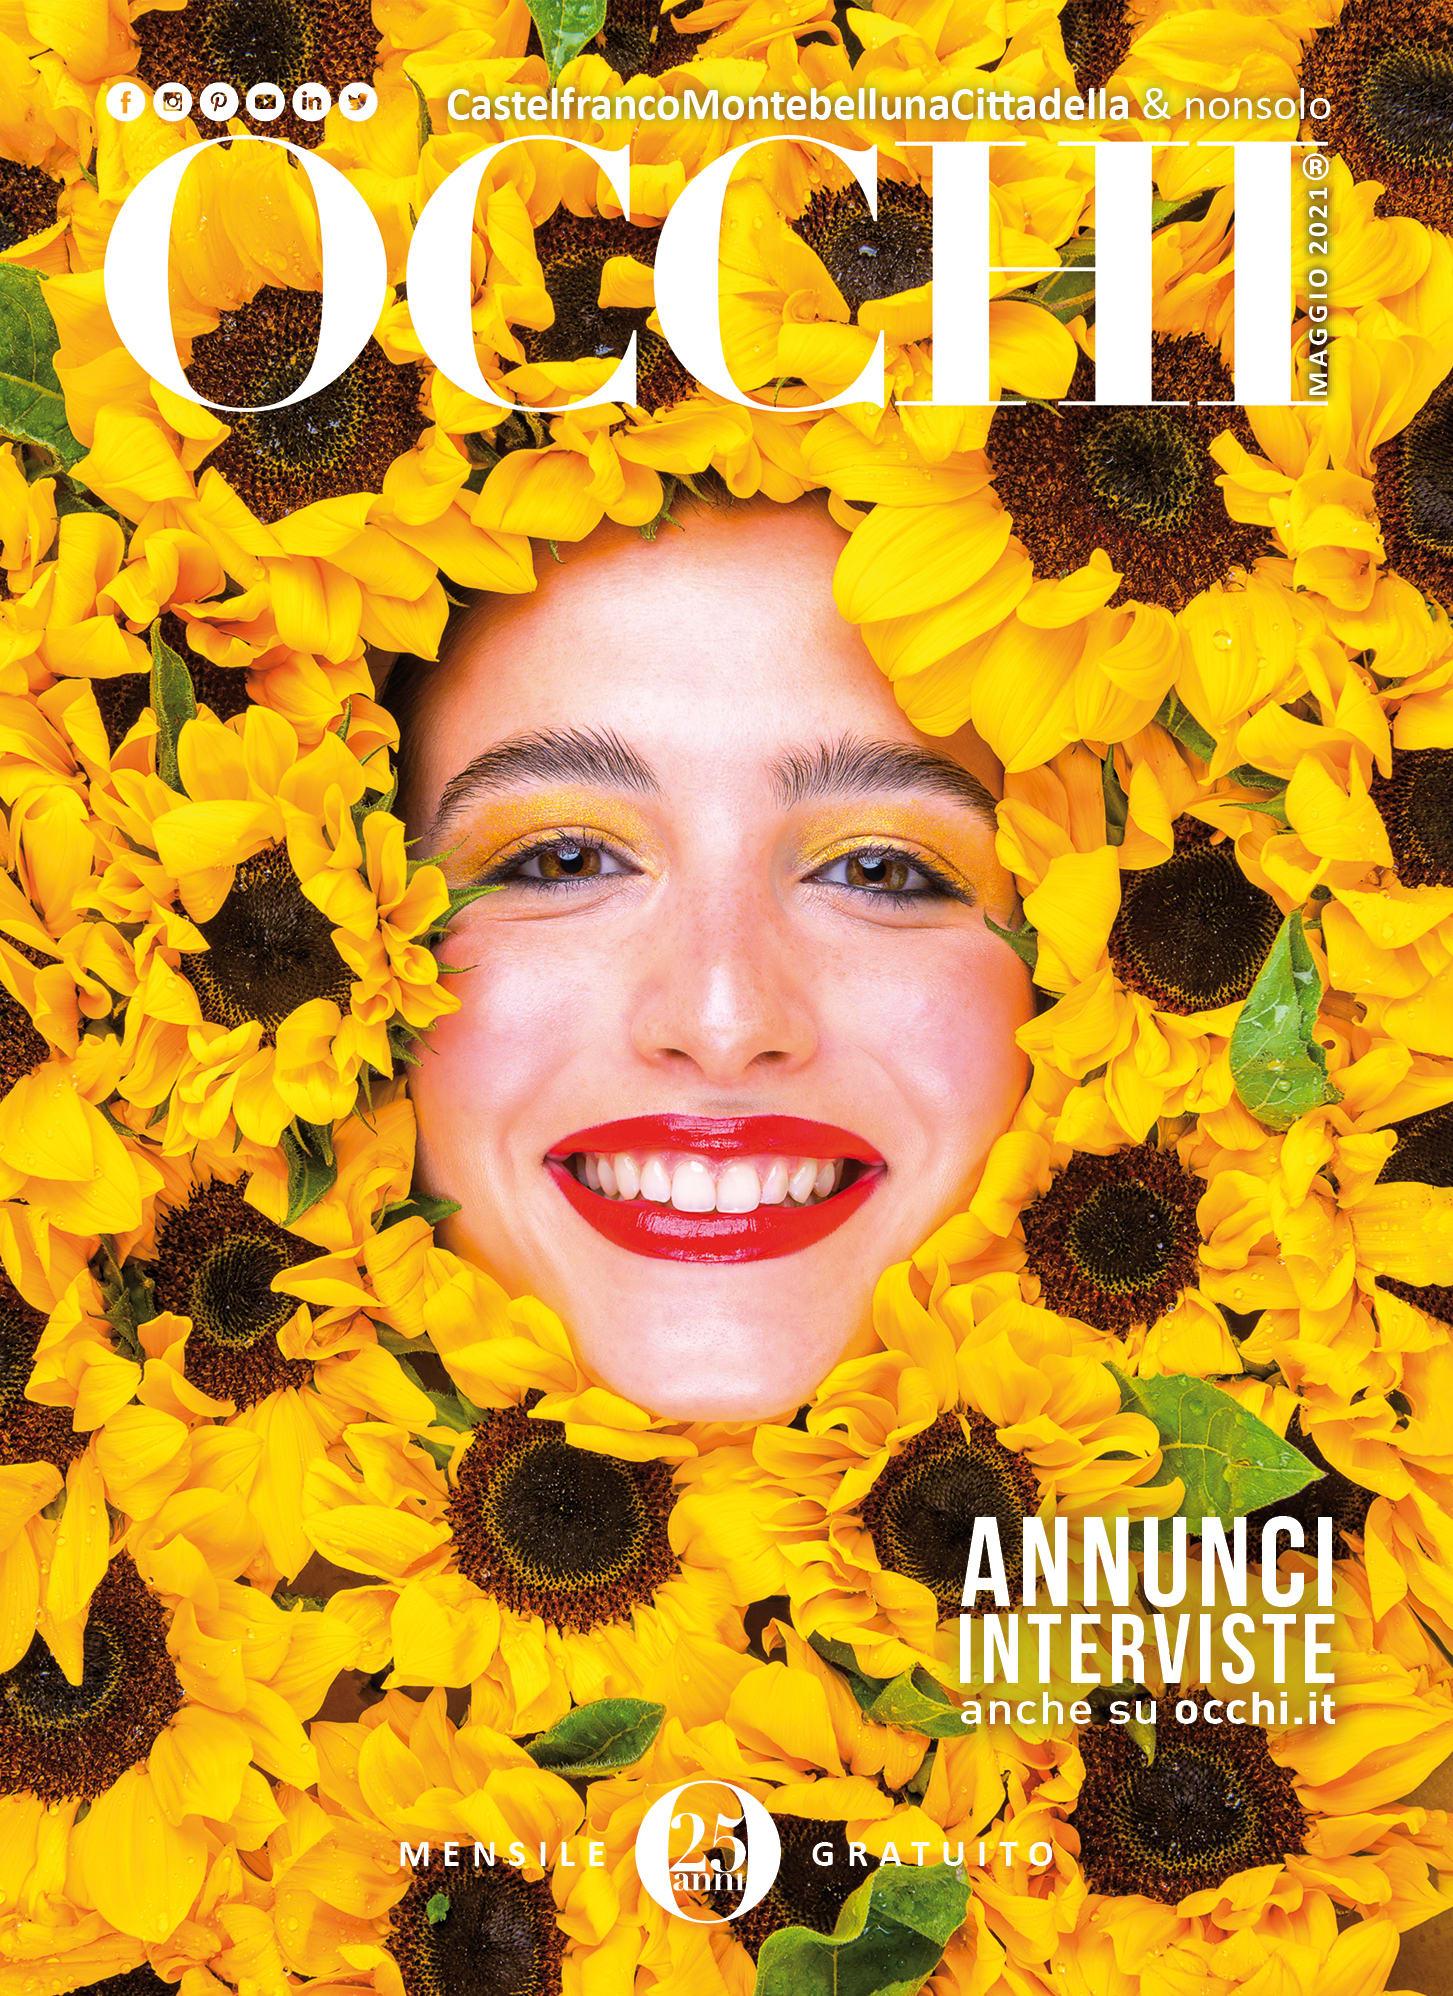 copertina maggio 2021 C